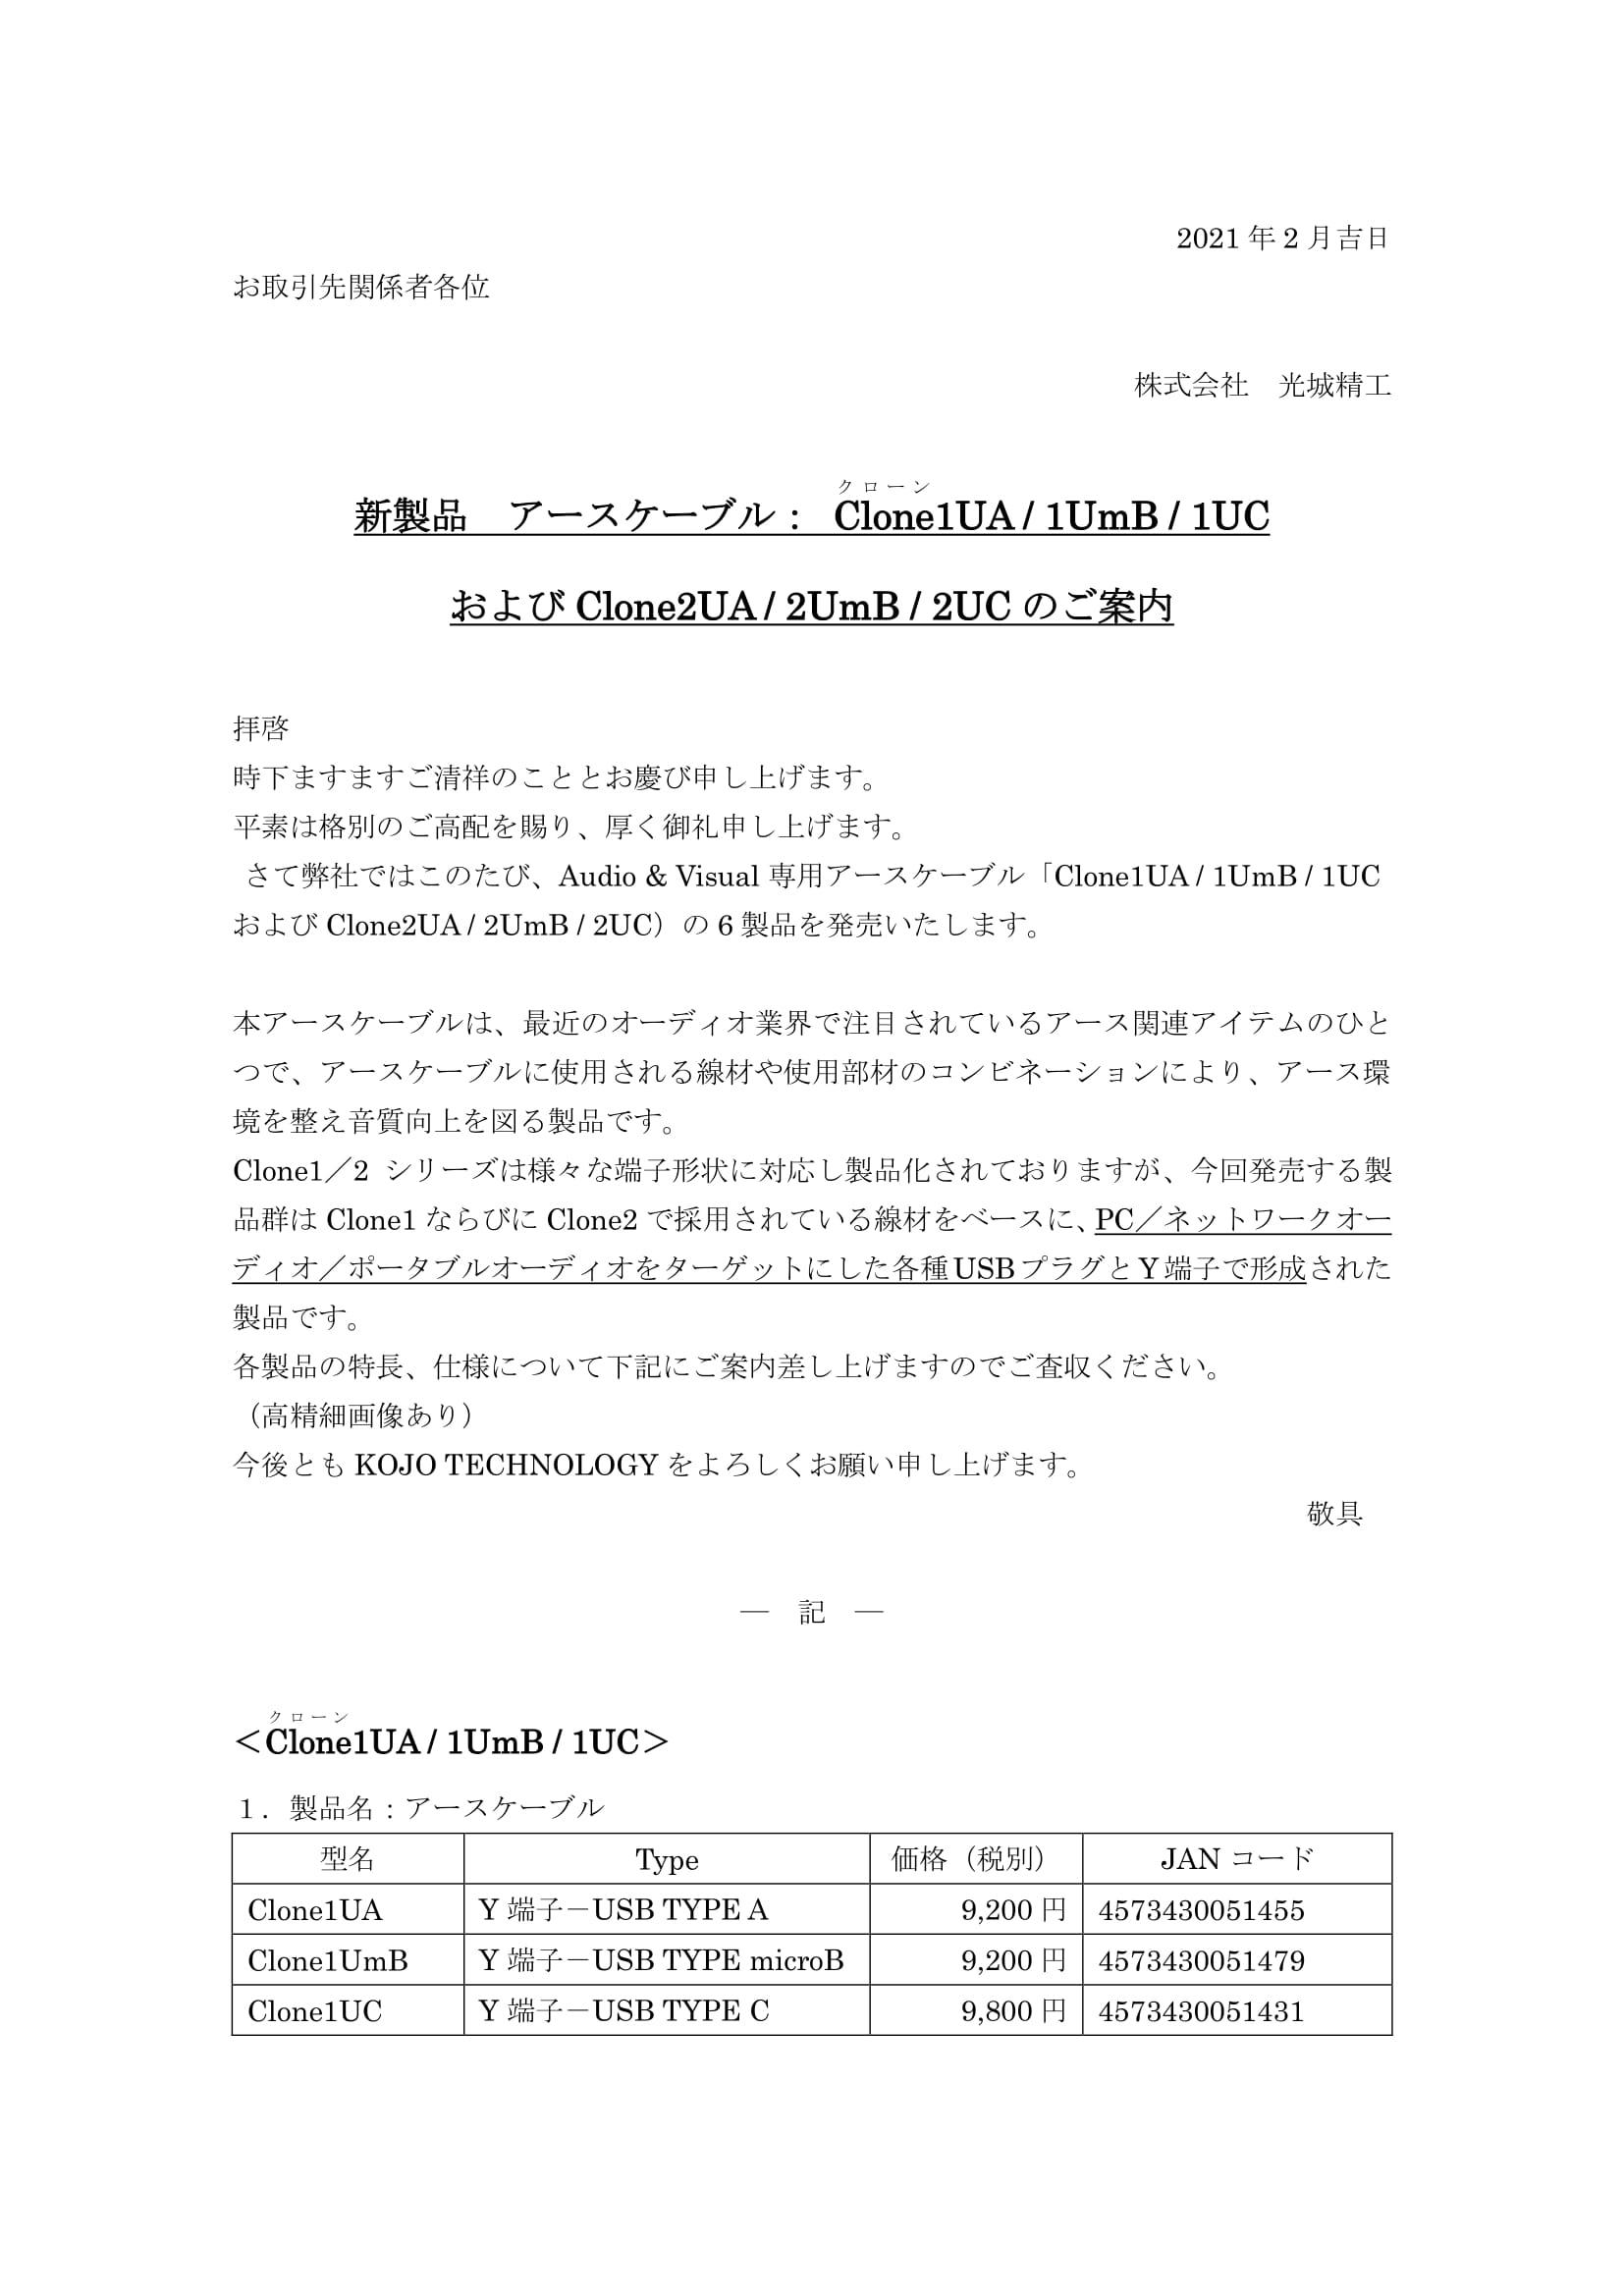 新製品のご案内_Clone1UA_UmB_UC/2UA_UmB_UC_210205-1